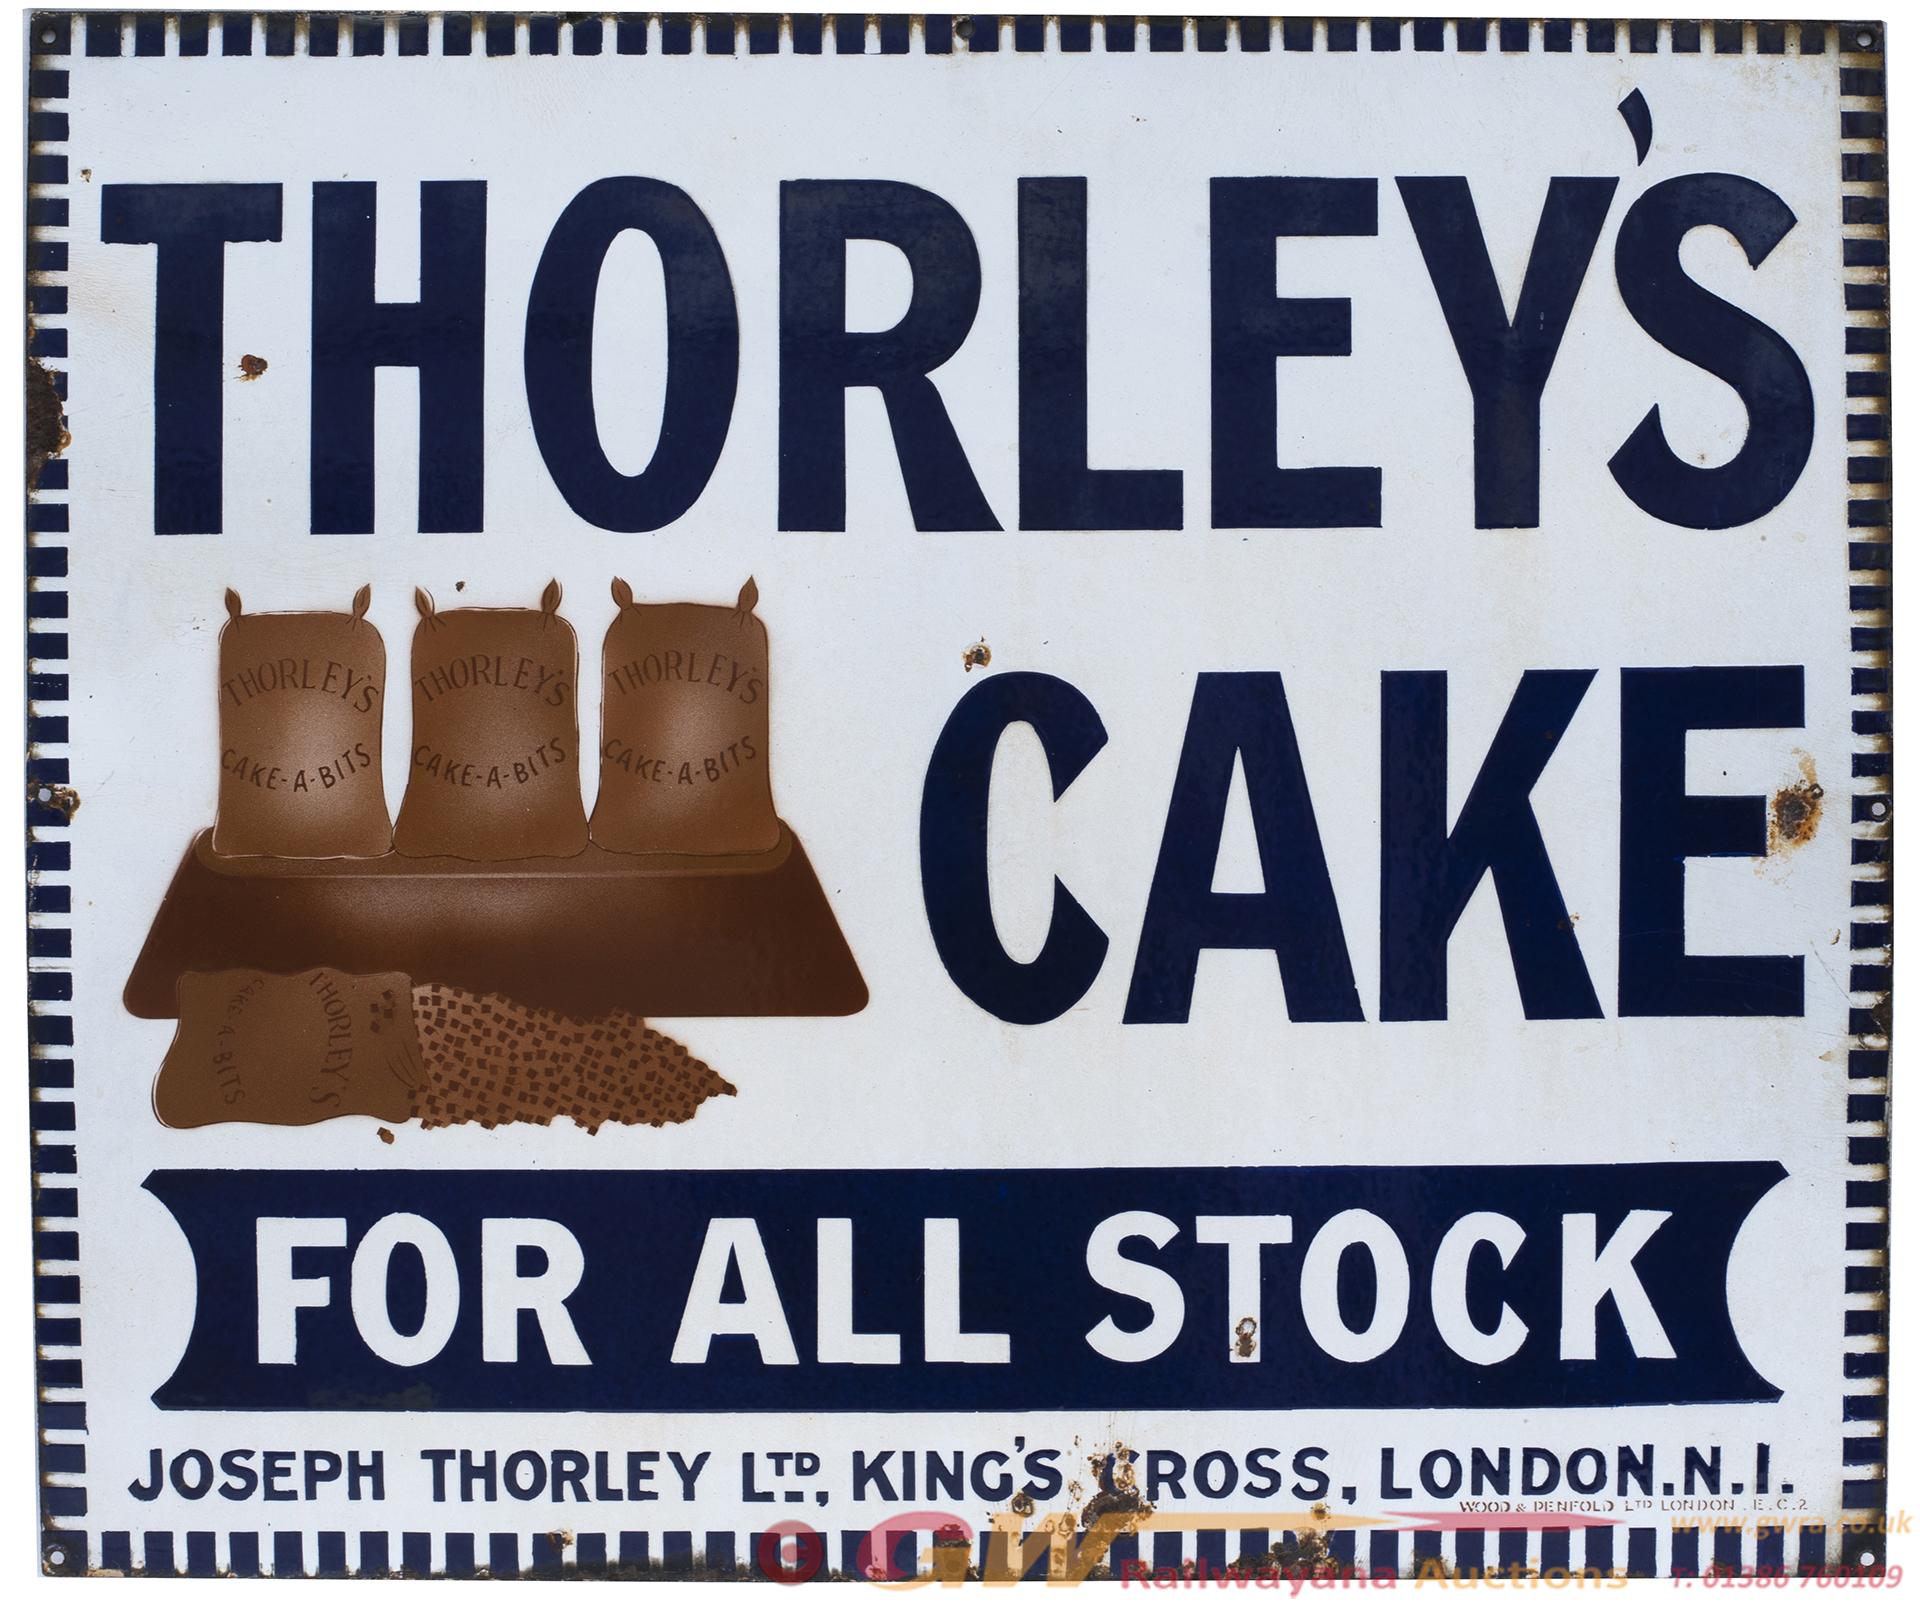 Advertising Enamel Sign THORLEY'S CAKE FOR ALL